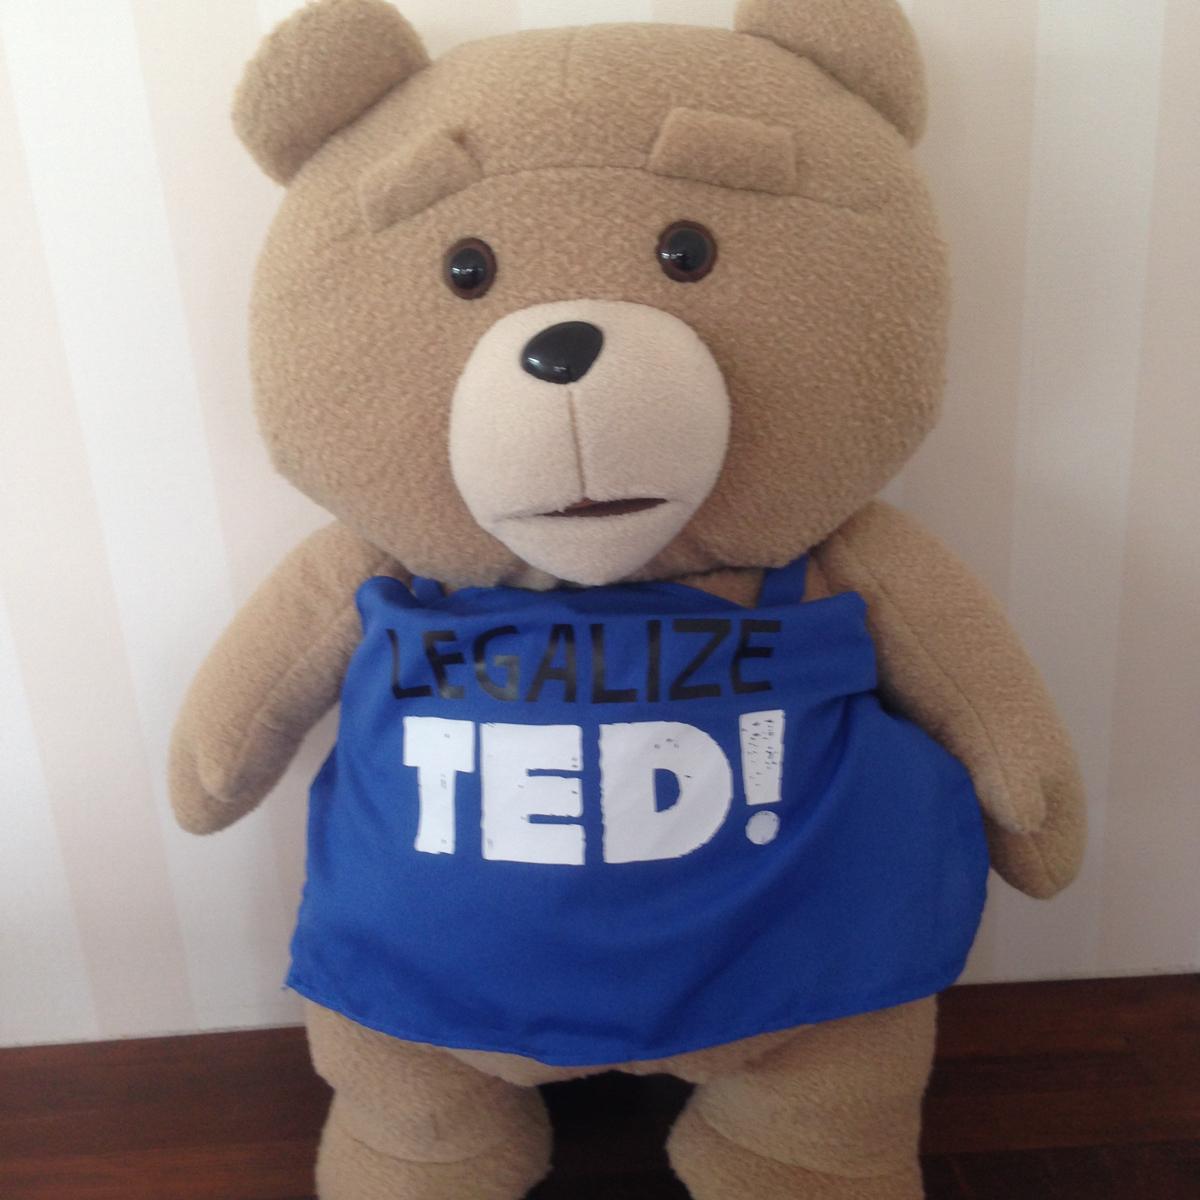 【送料無料】 ted2 ぬいぐるみ XL プレミアム 青エプロンバージョン テッド TED グッズの画像